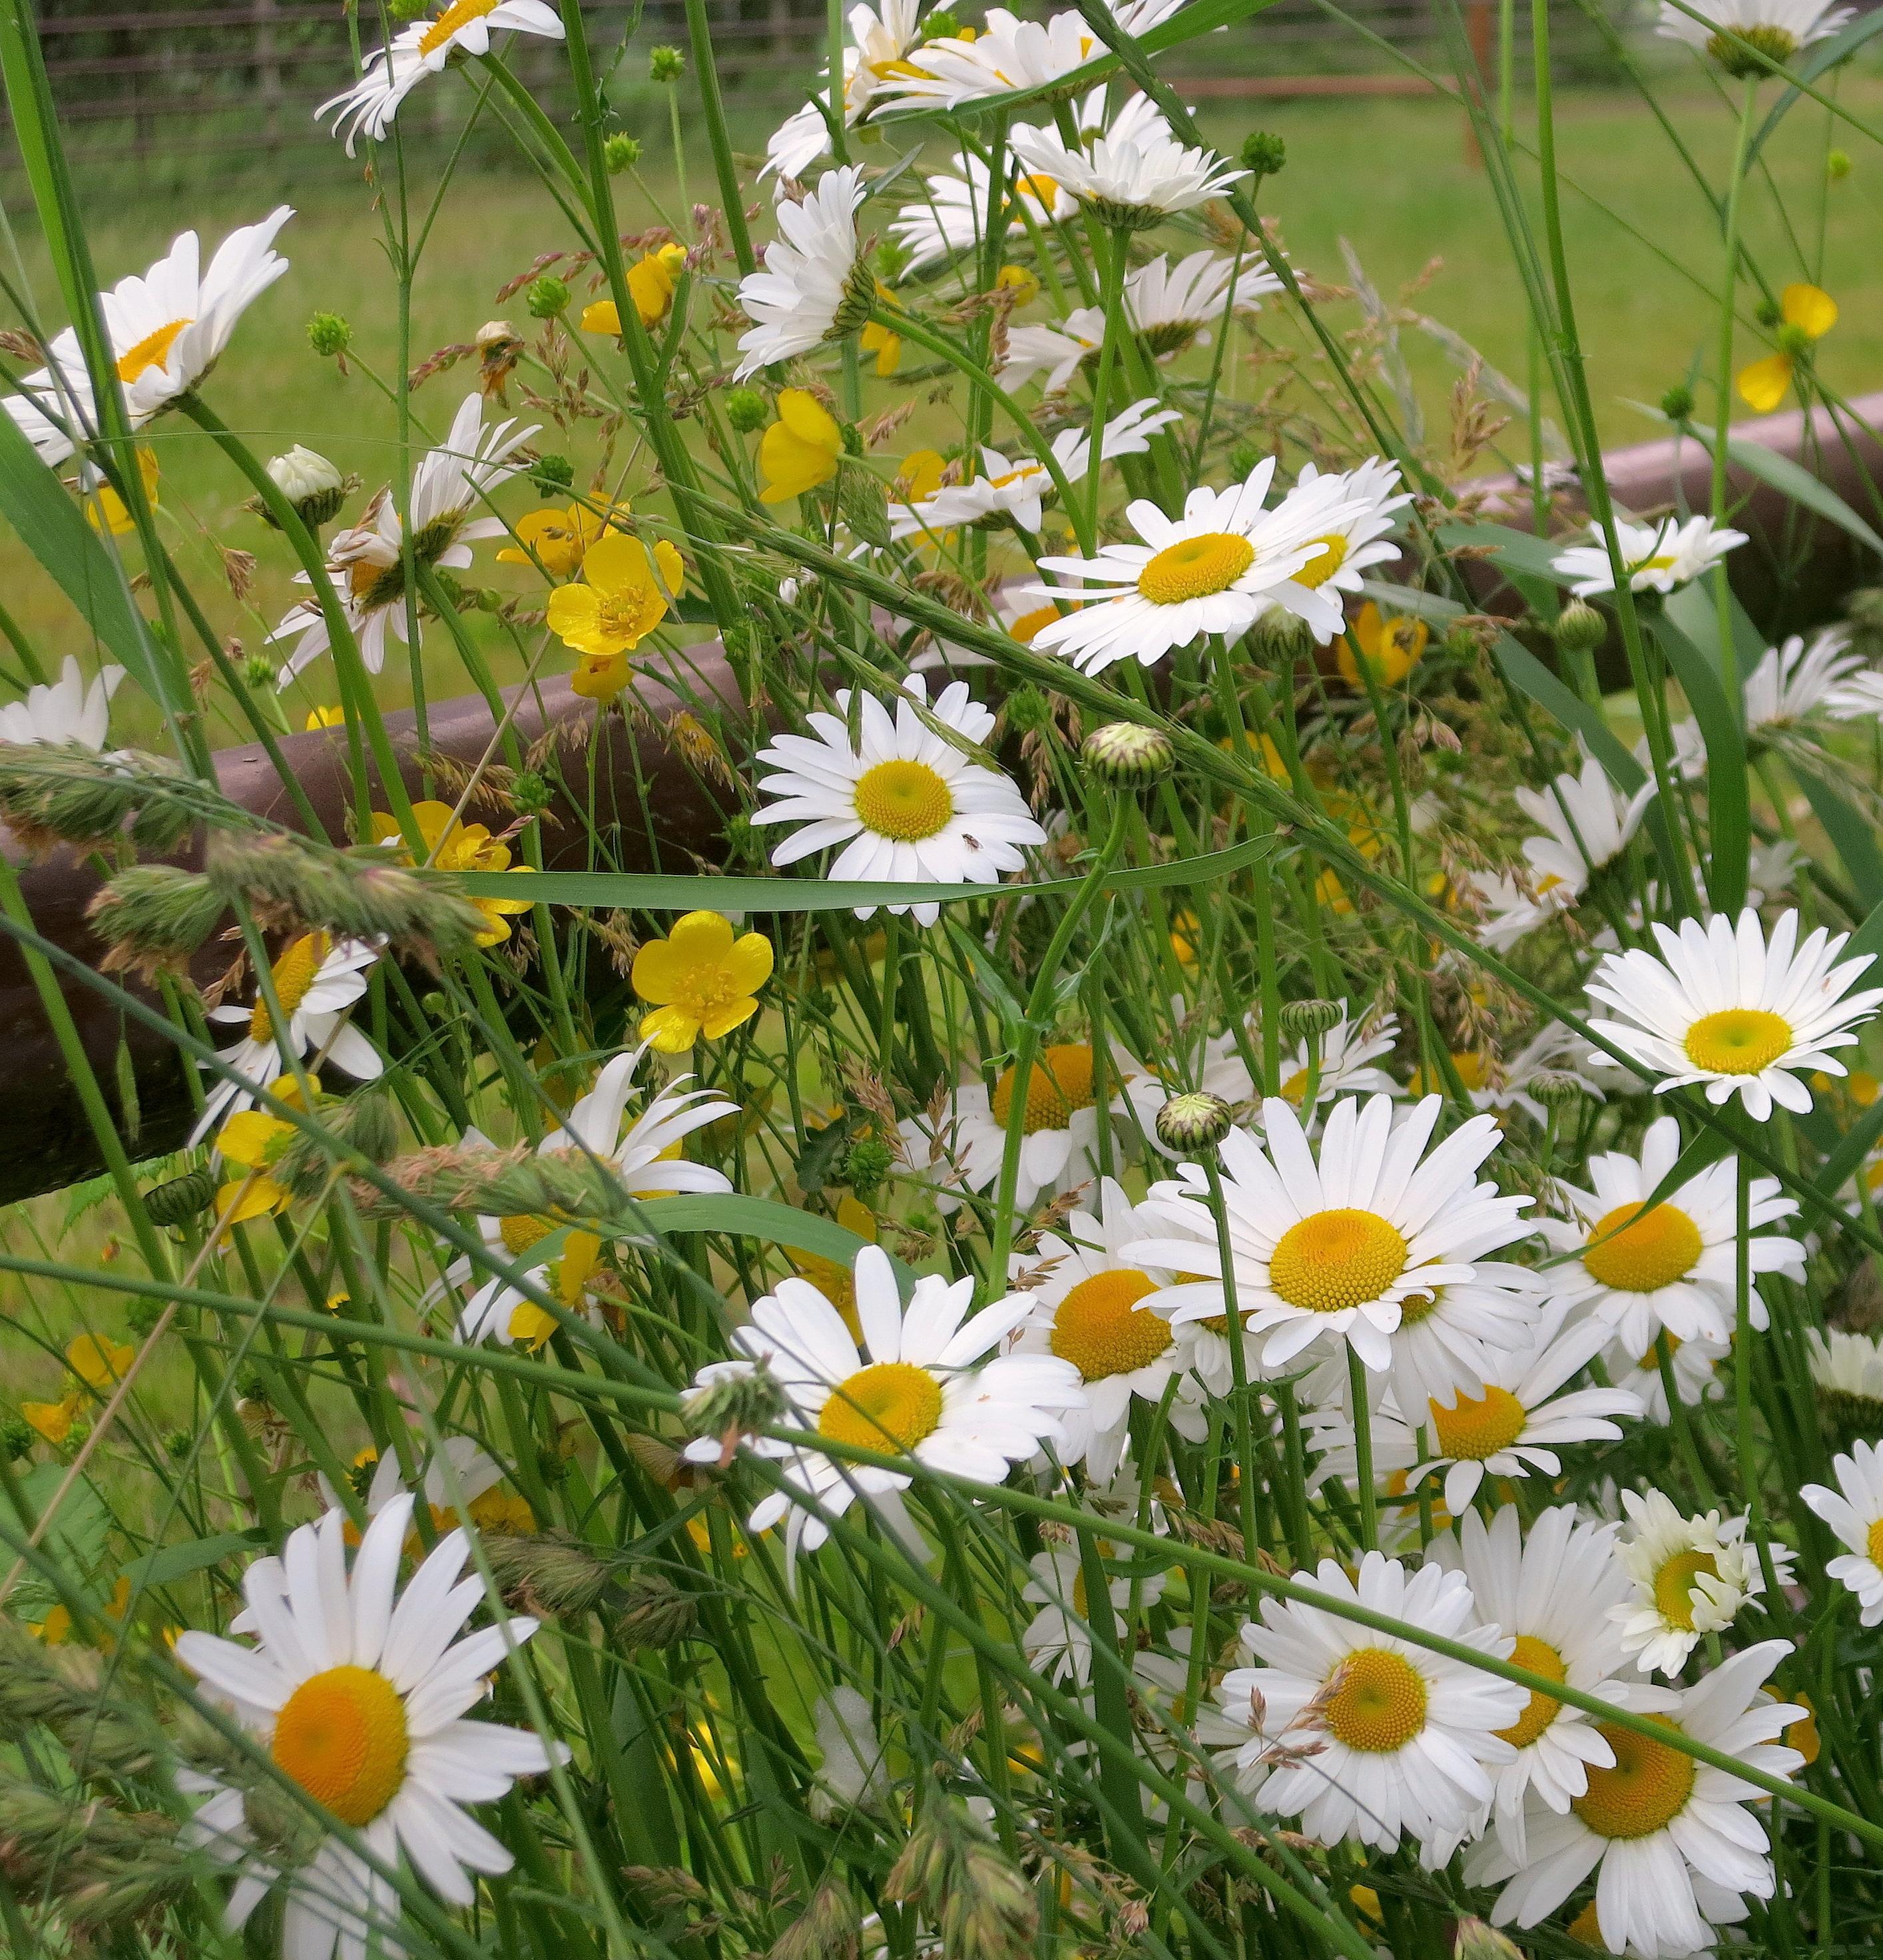 daisybuttercup